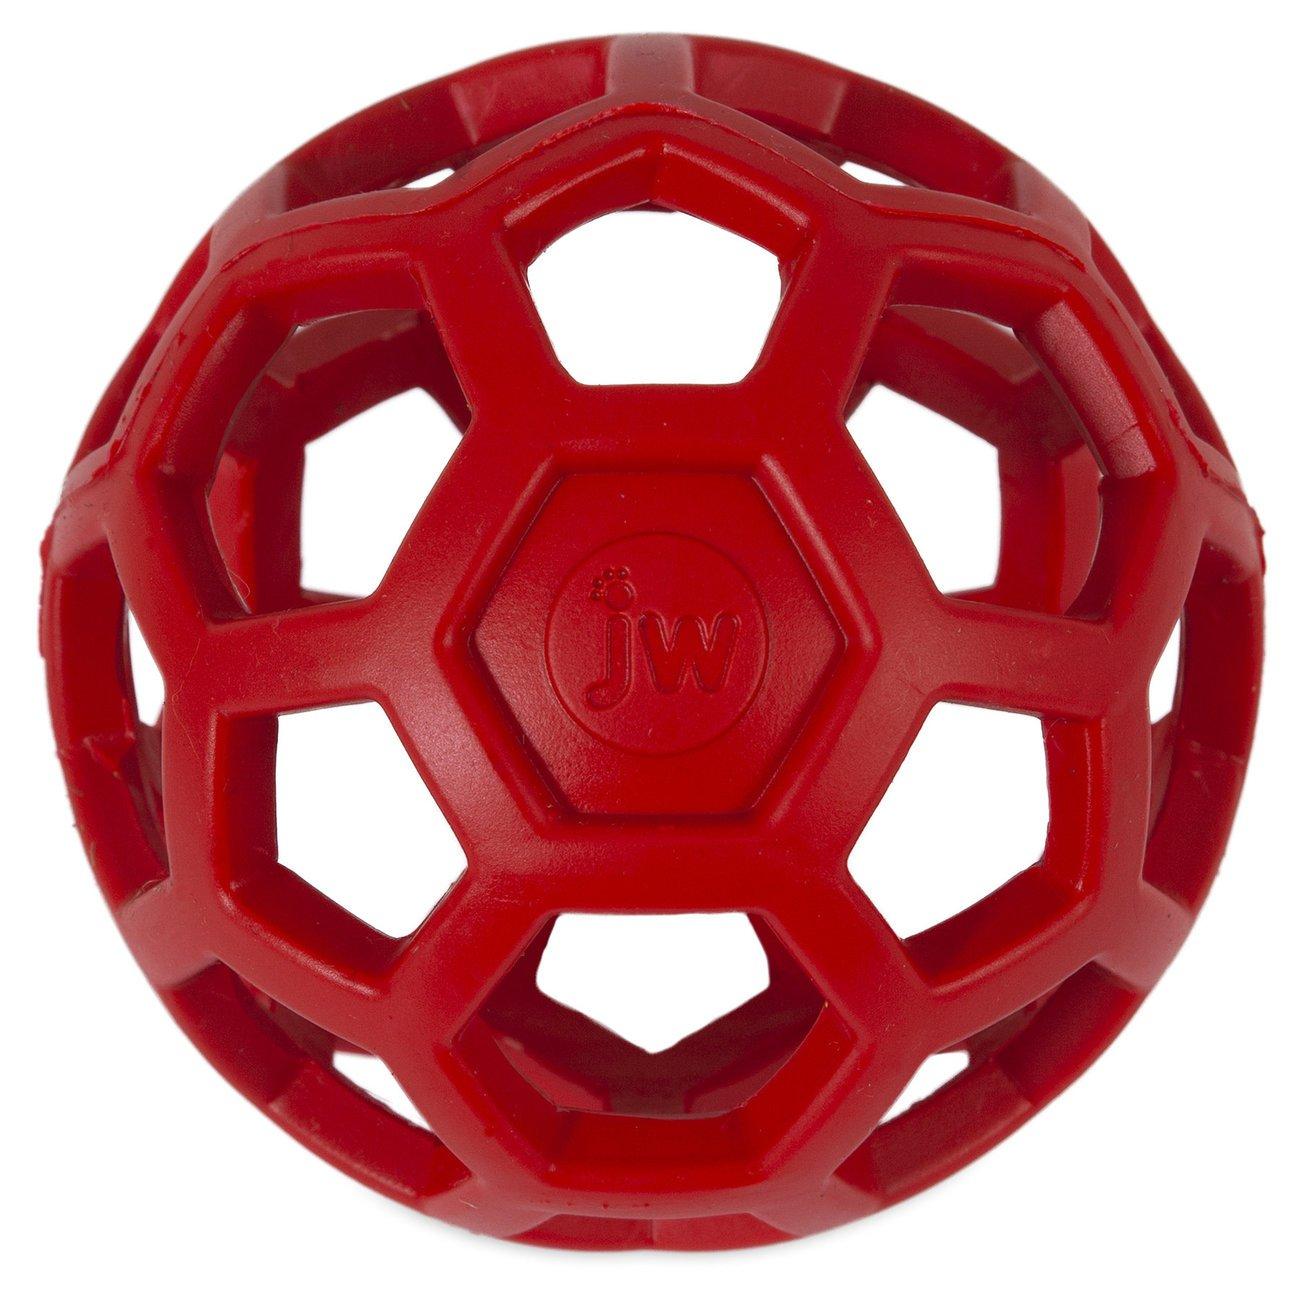 JW Pet HOL-EE Roller Lochball für Hunde, Bild 6